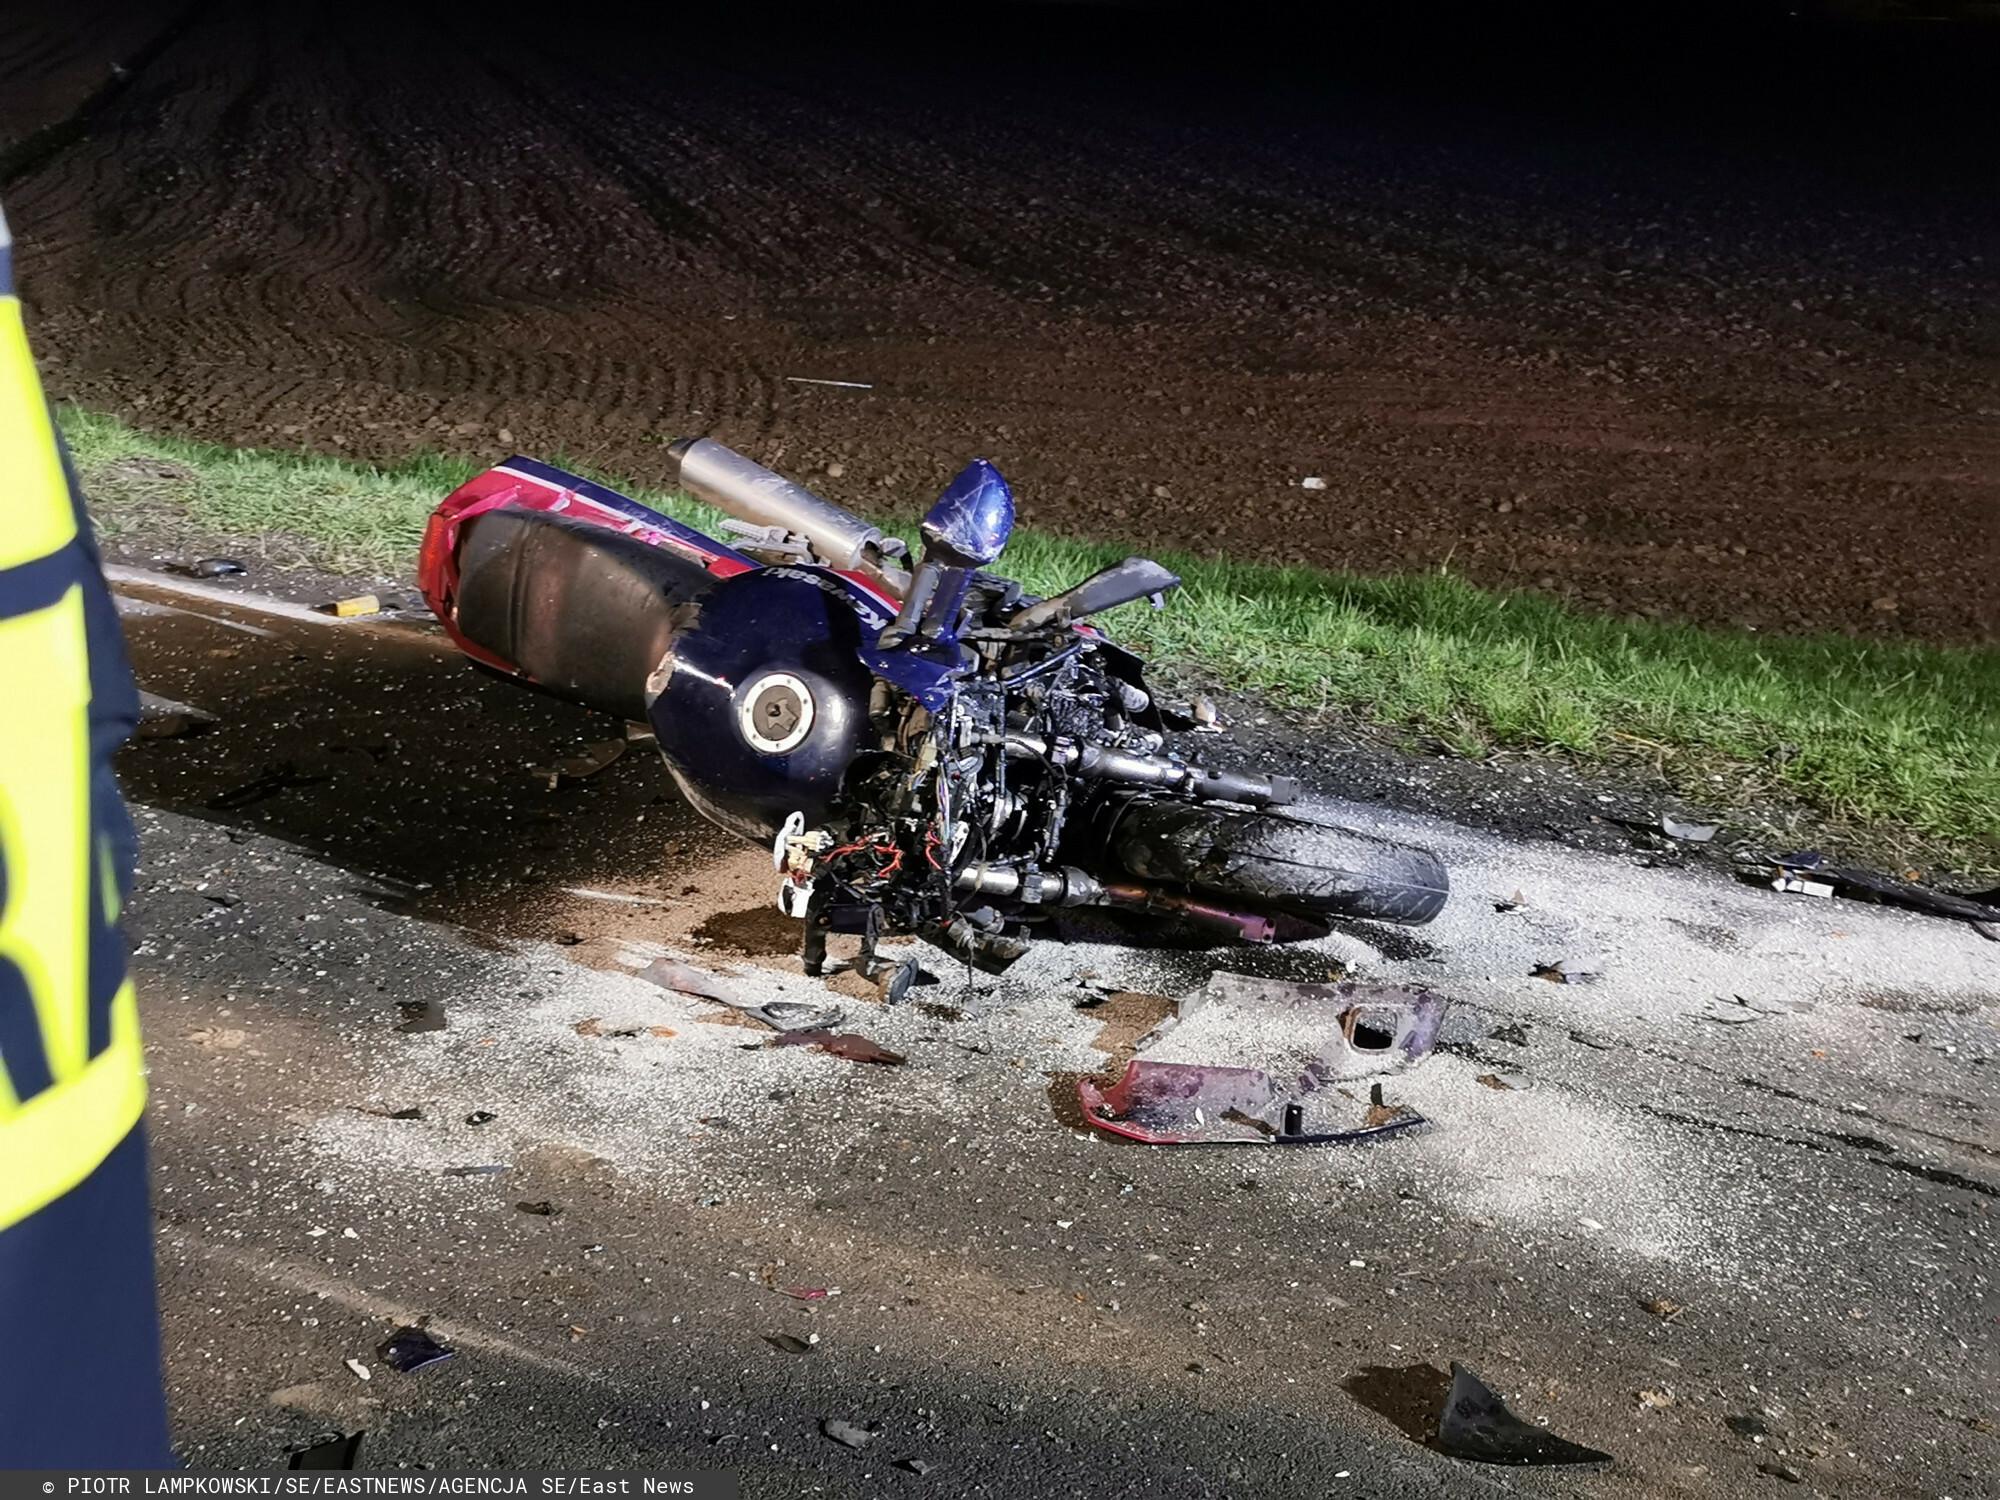 Wypadek motocyklisty. Był pijany, dostał odszkodowanie